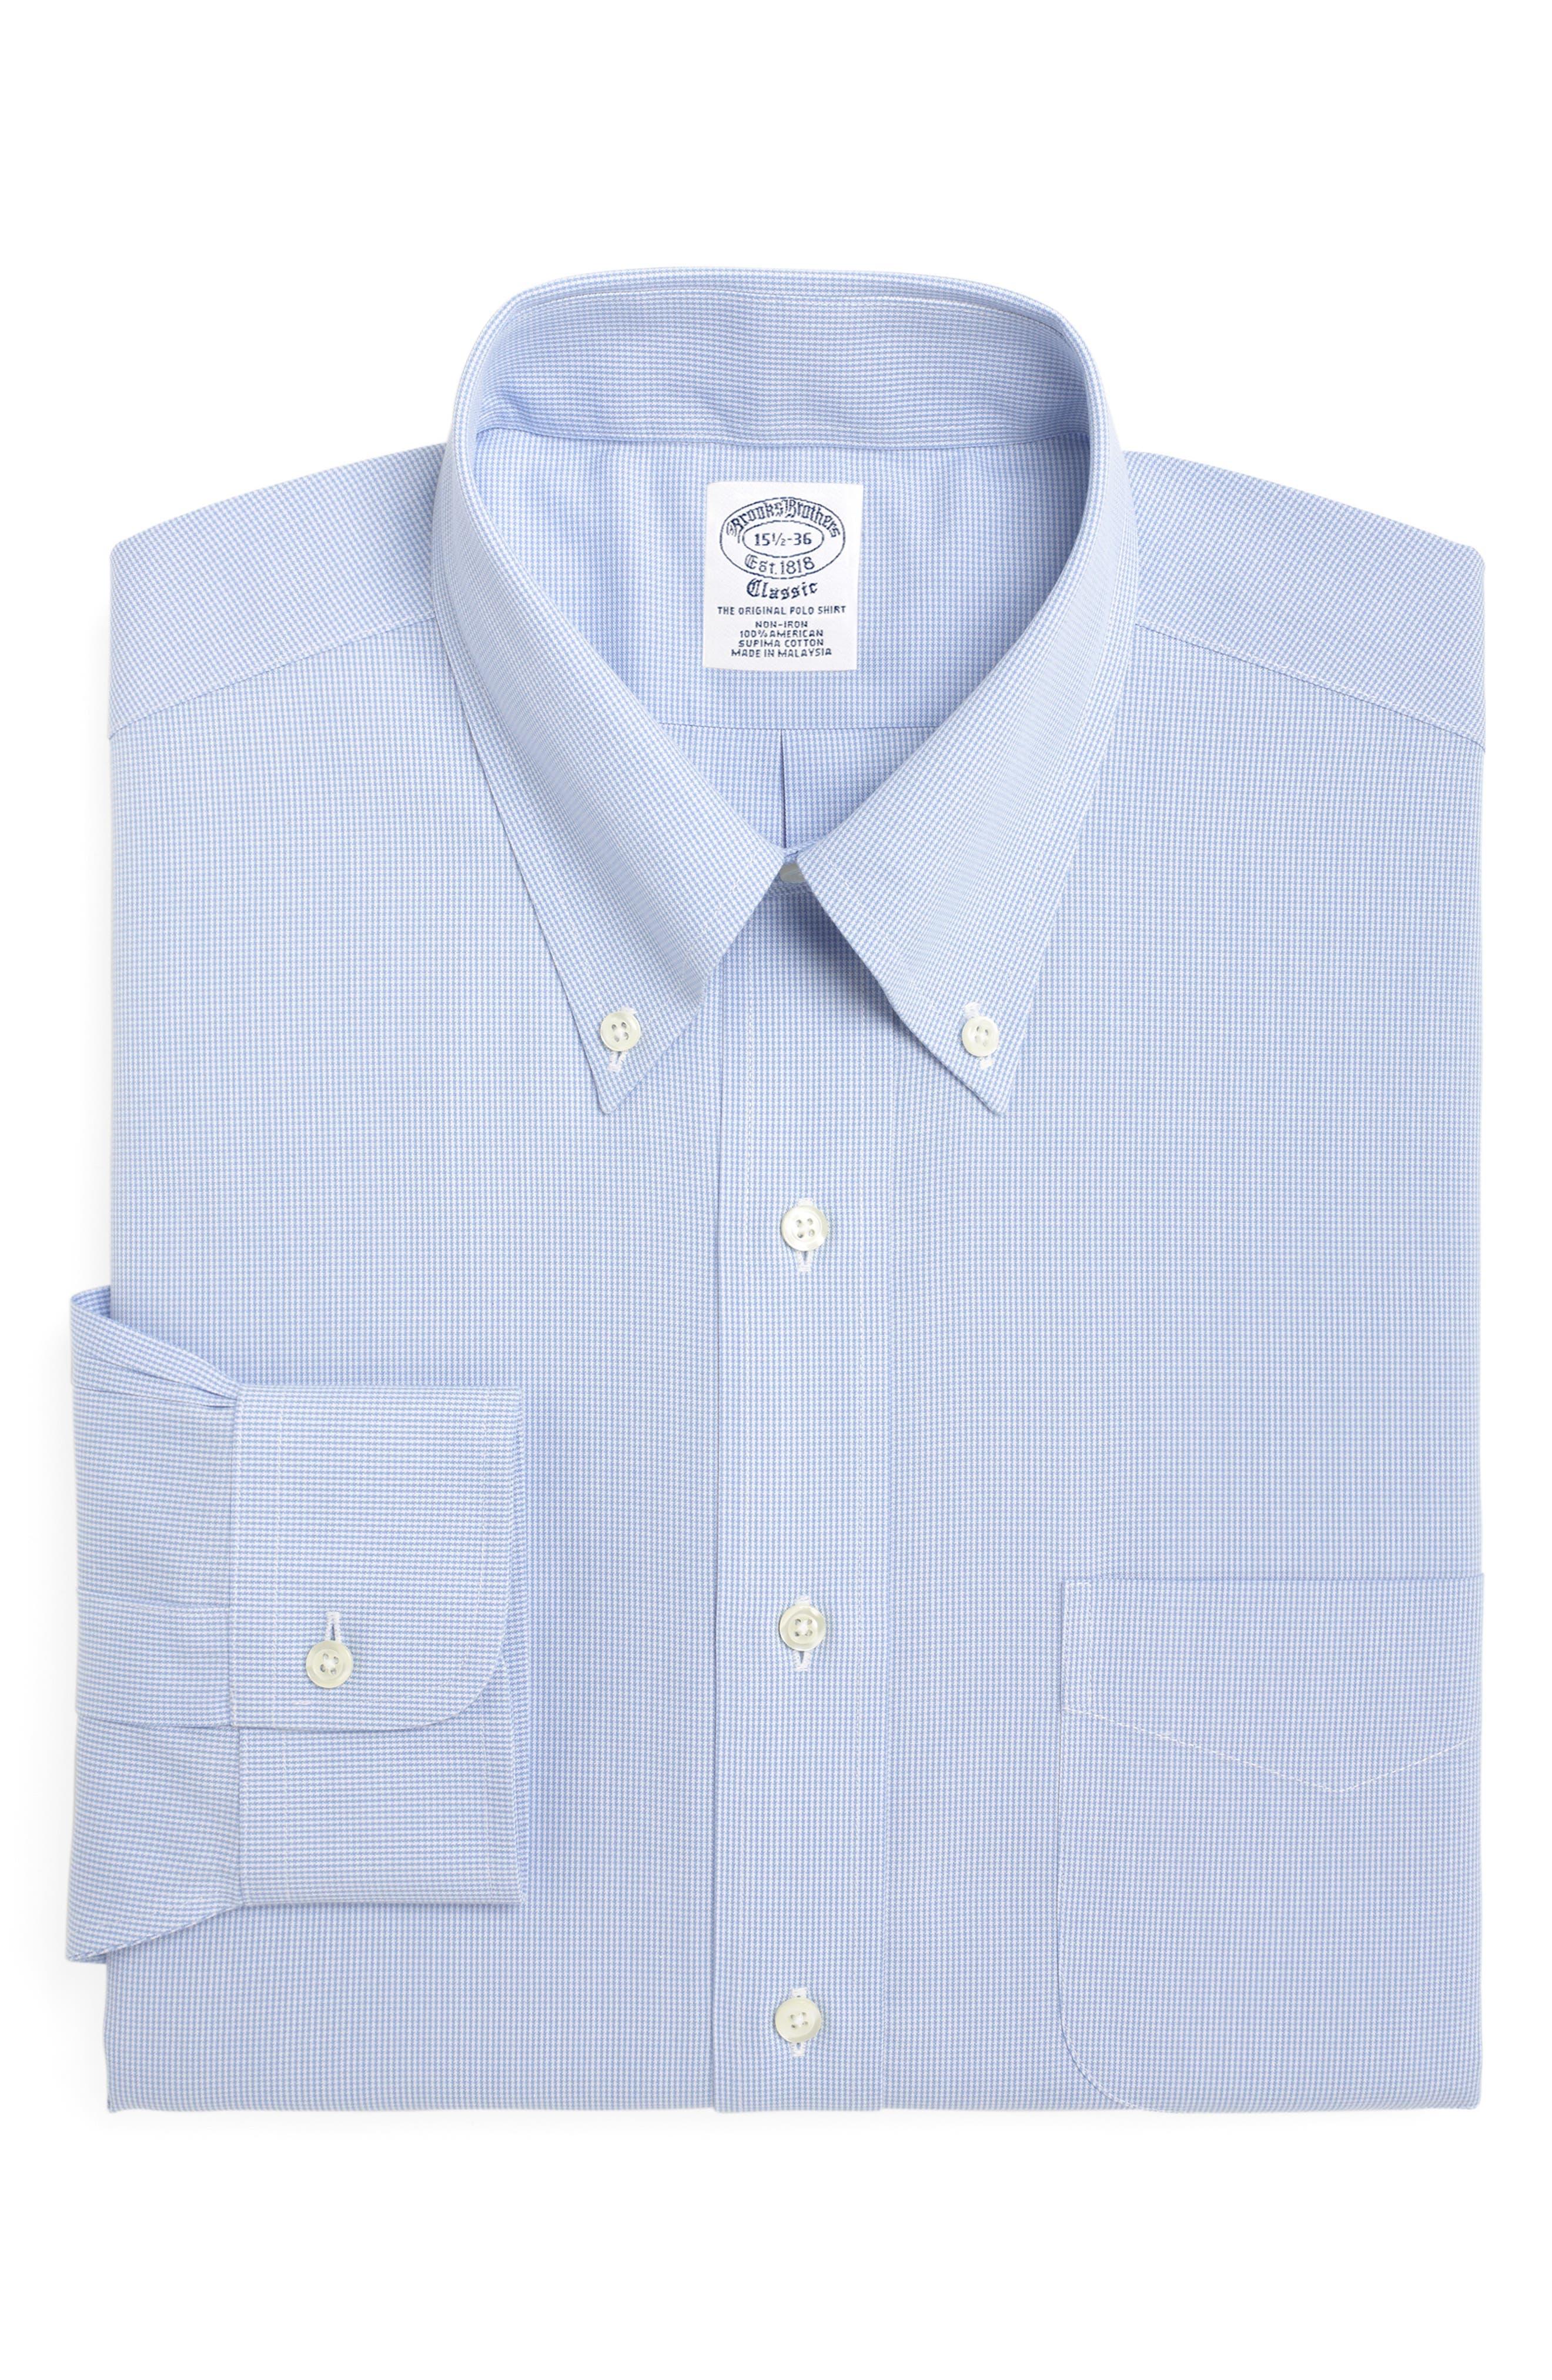 Regular Fit Houndstooth Dress Shirt,                         Main,                         color, LIGHT/ PASTEL BLUE